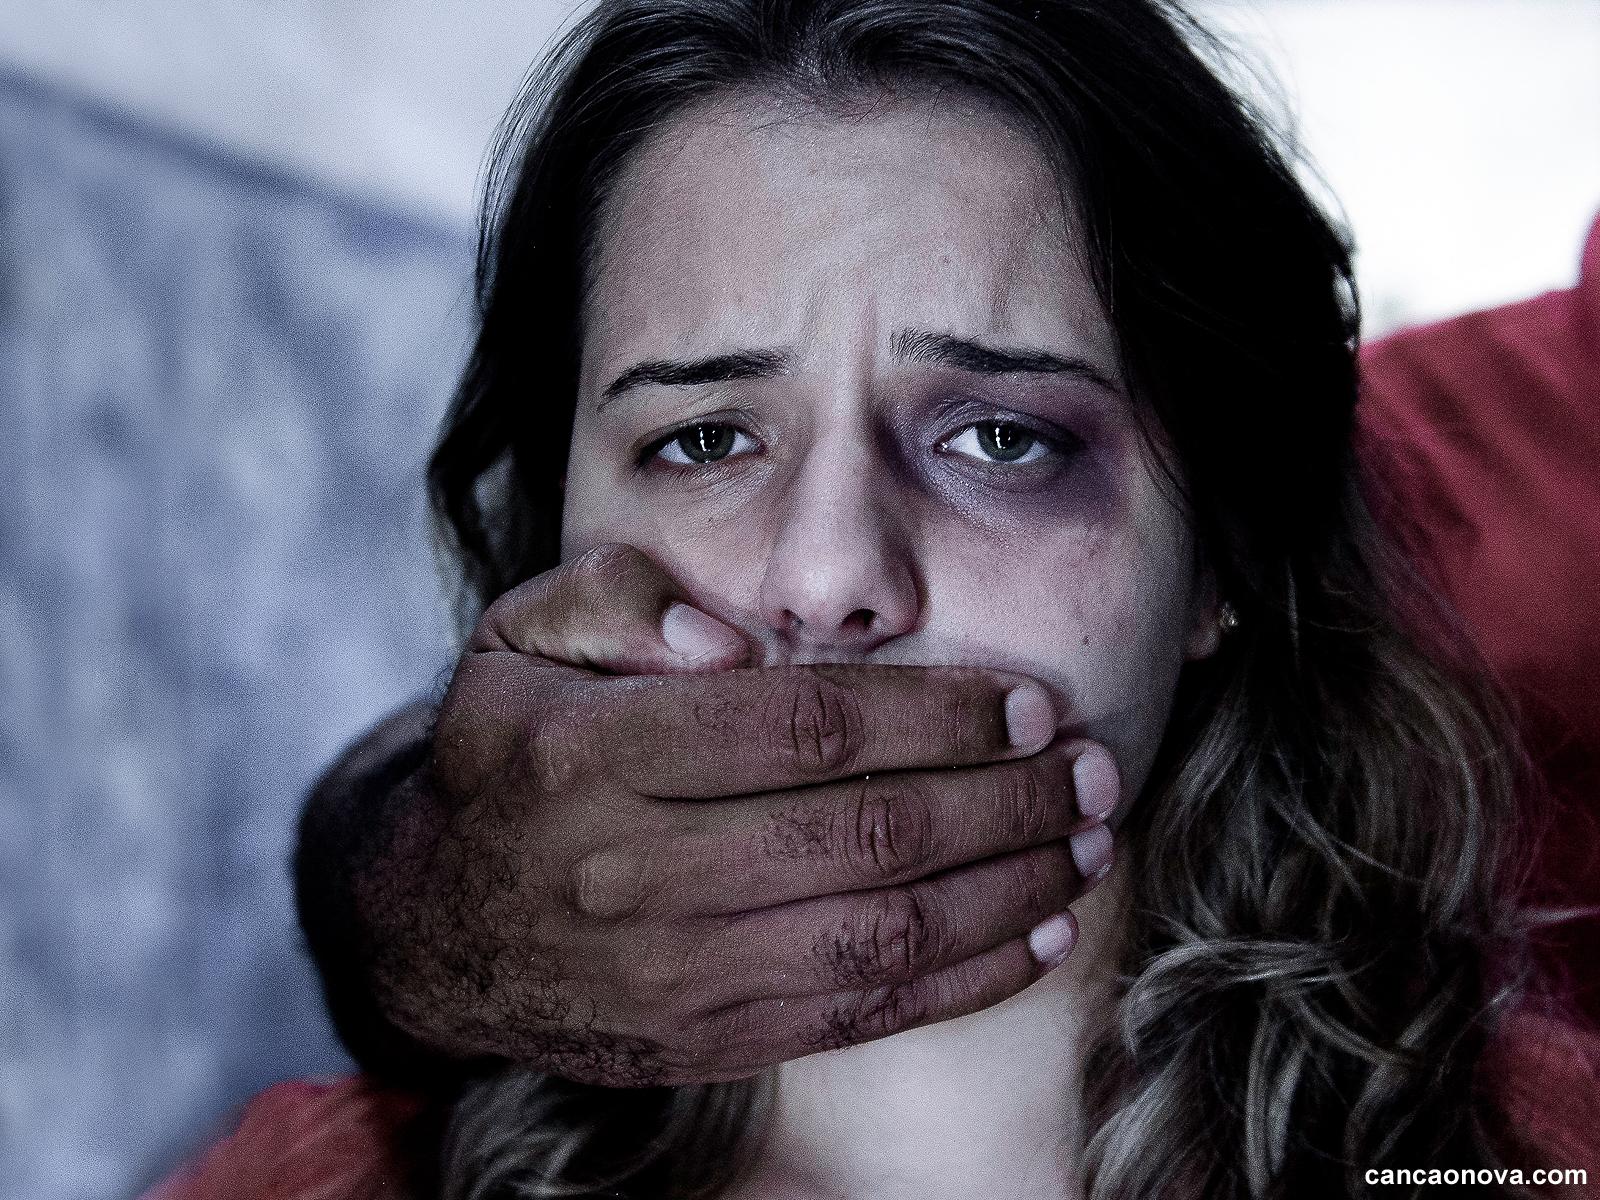 UFCD 7226 – Prevenção da Negligência, abusos e maus-tratos